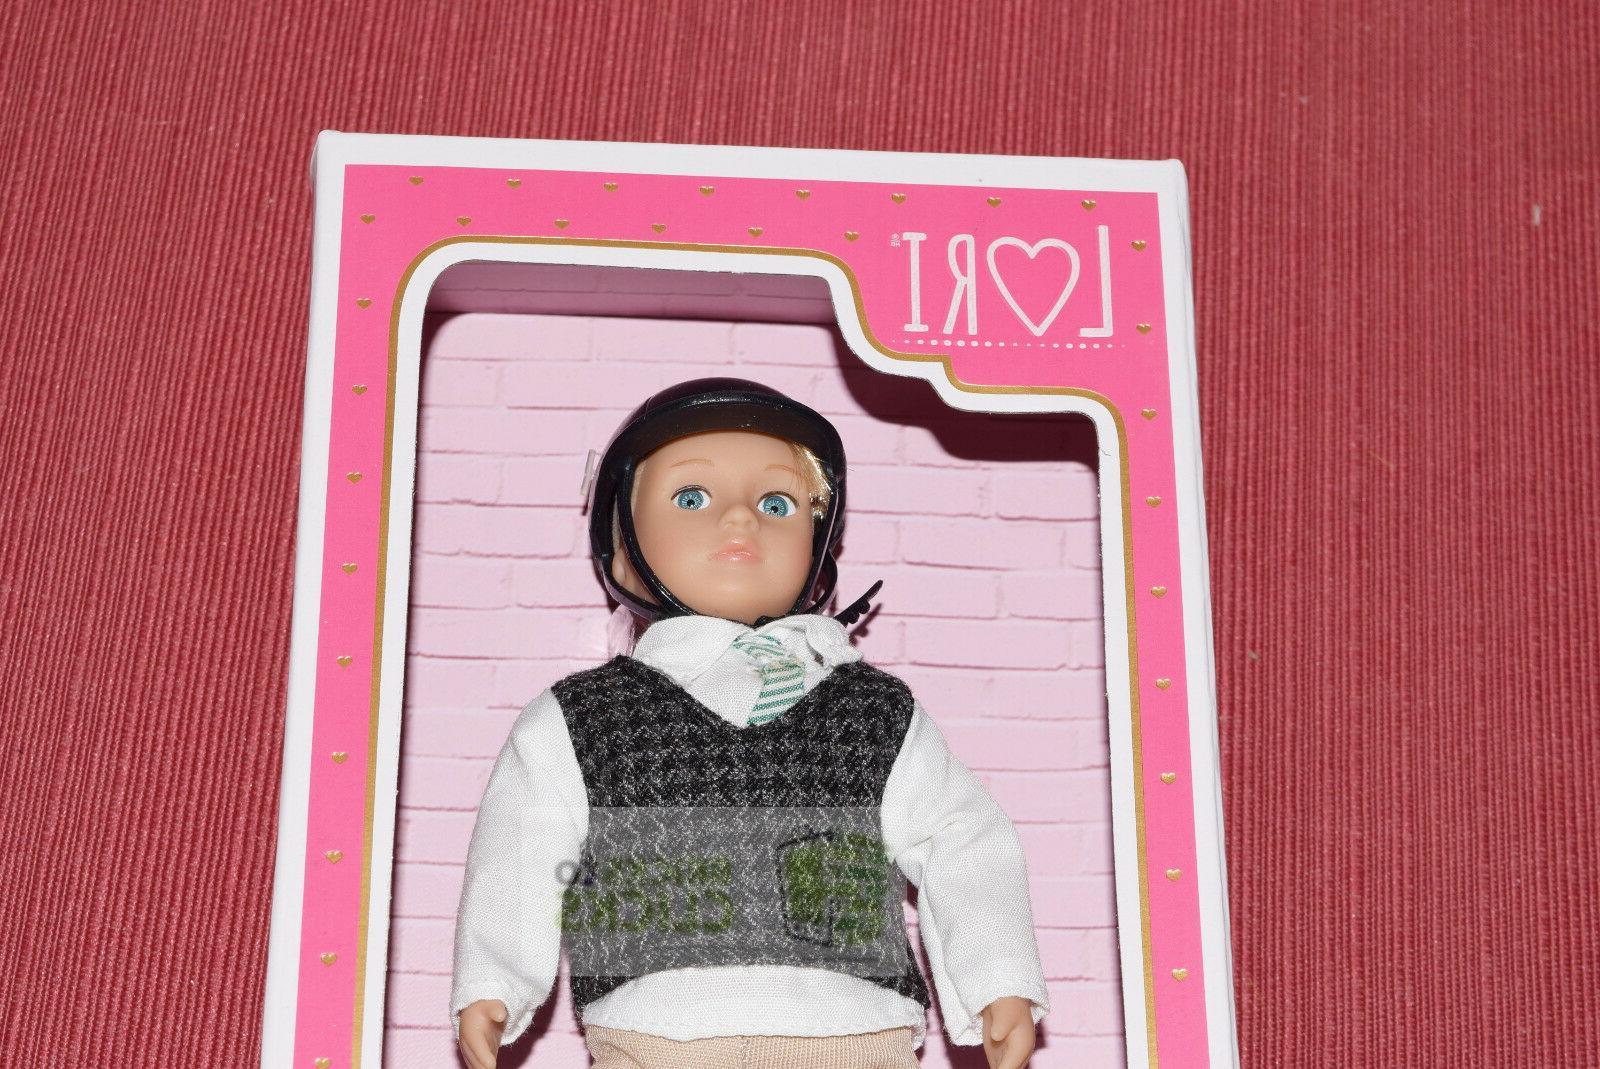 Battat Lori Doll Riding